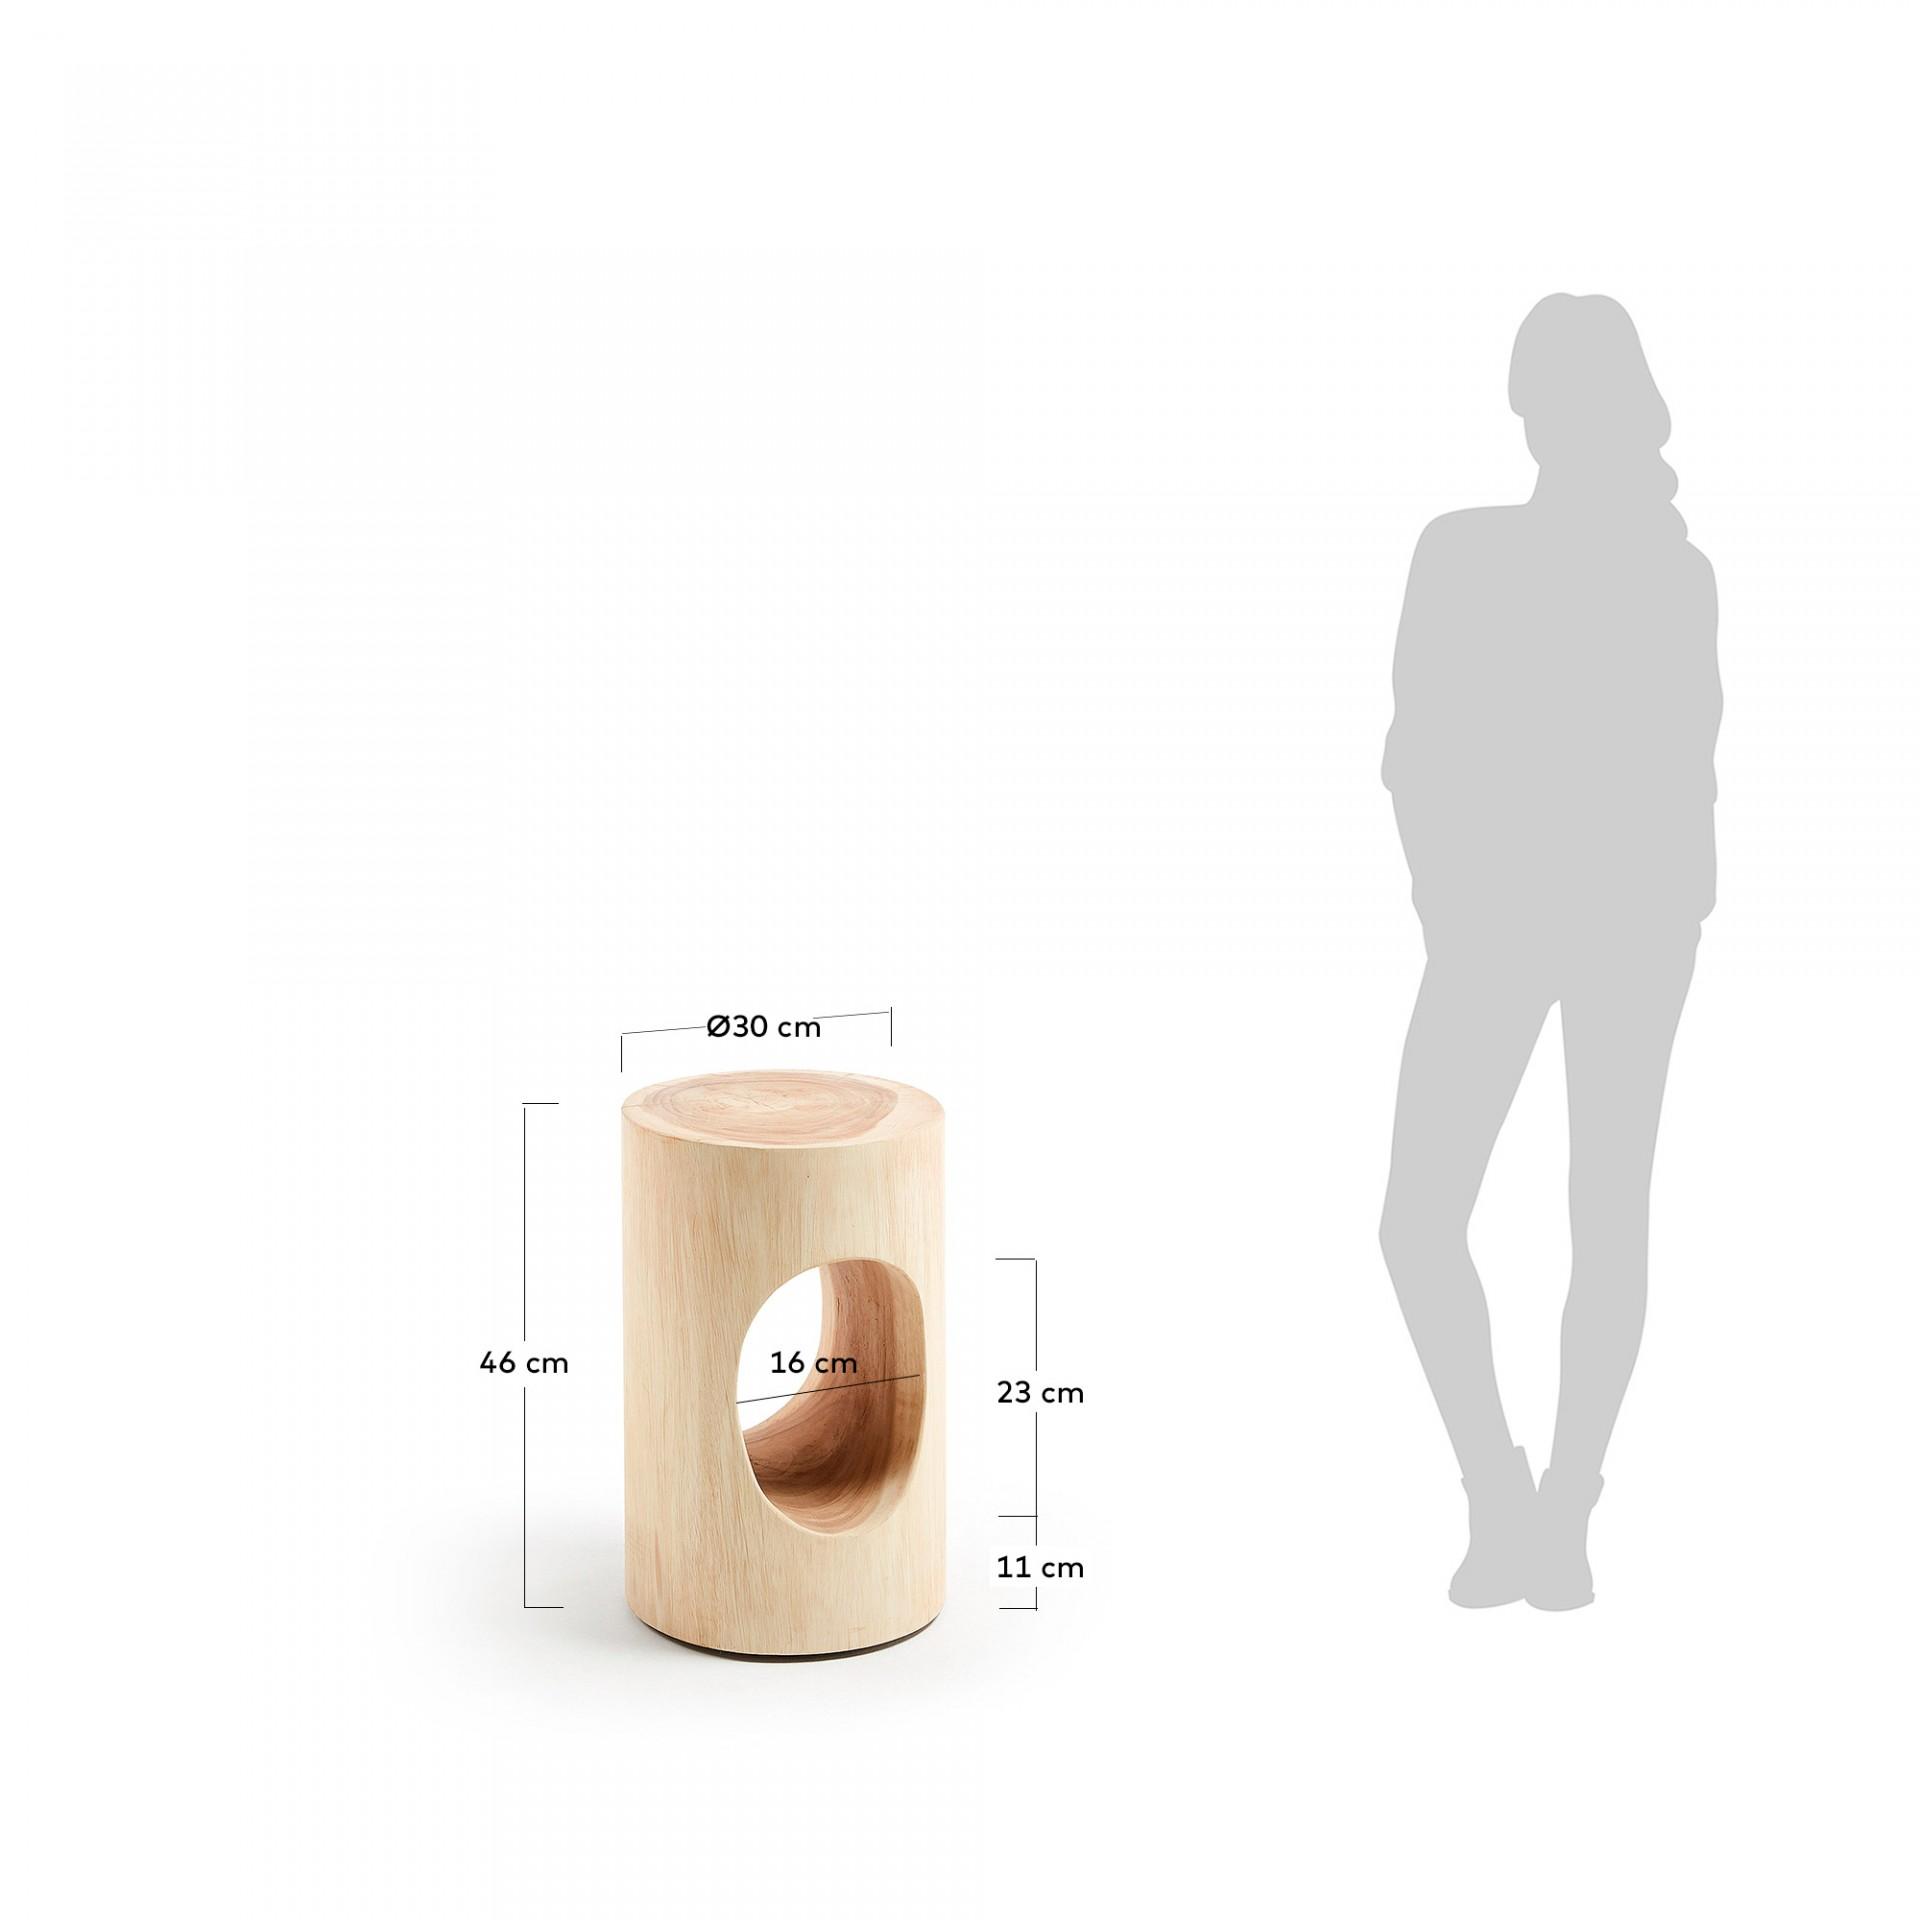 Mesa de apoio Nero, madeira de munggur natural, Ø30x46